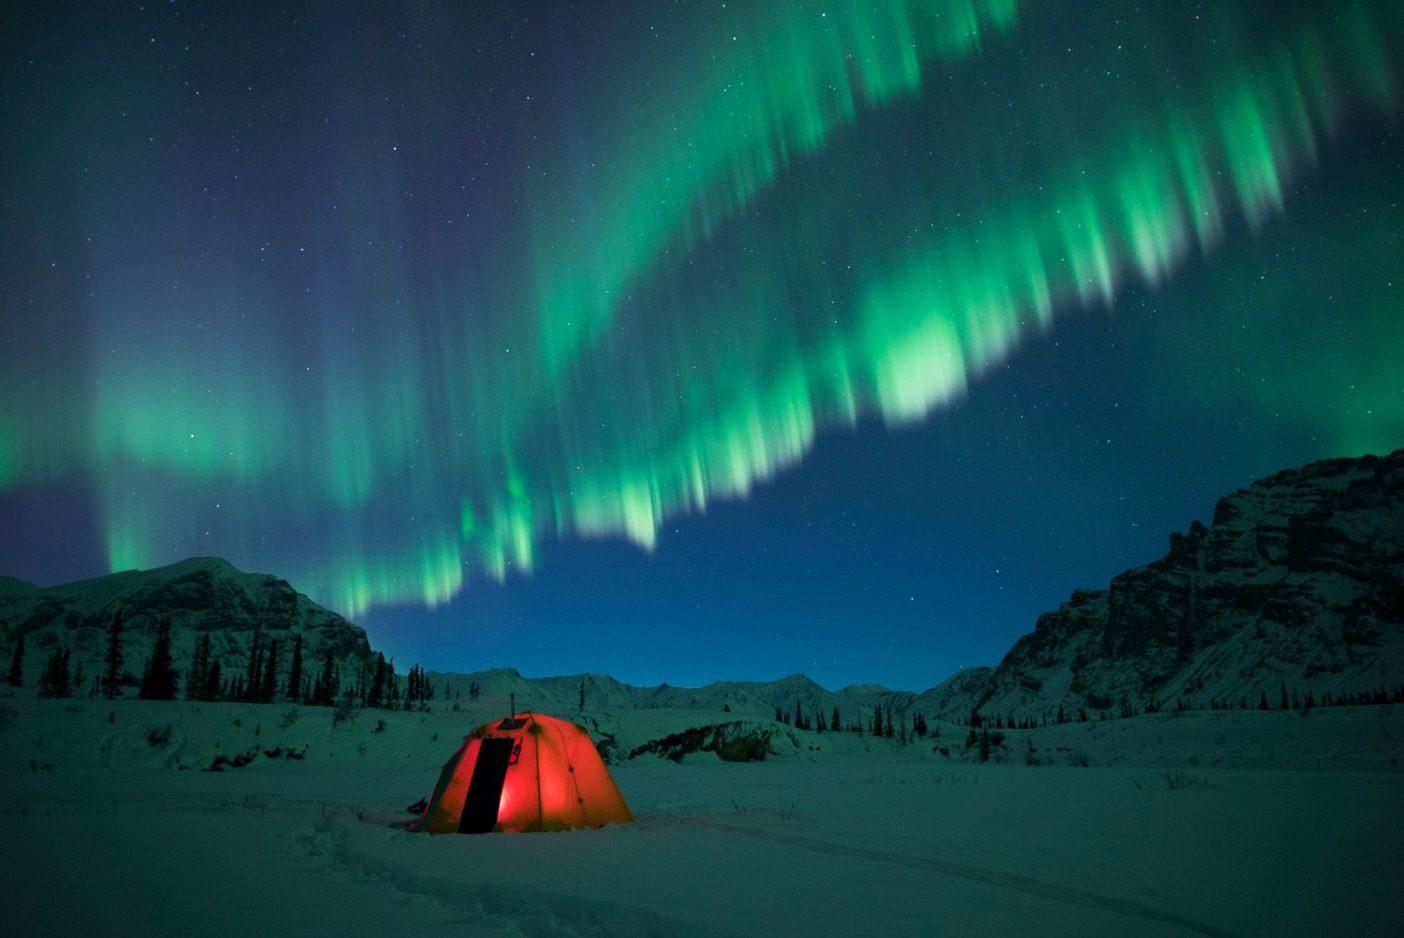 北極圏国立野生生物保護区には比類ない野生の世界が広がり、バックパッキング、キャンプ、クライミング、フィッシングなどの機会を提供している。保護区内には電話線はなく、携帯電波も届かない。キャンプ場やレンジャーステーションも設置されていない。その野生的な自然と過酷な状況になりうる可能性のなかでは自立精神は不可欠であり、必ず真のアドベンチャーを体験できるだろう。Photo: Florian Schulz